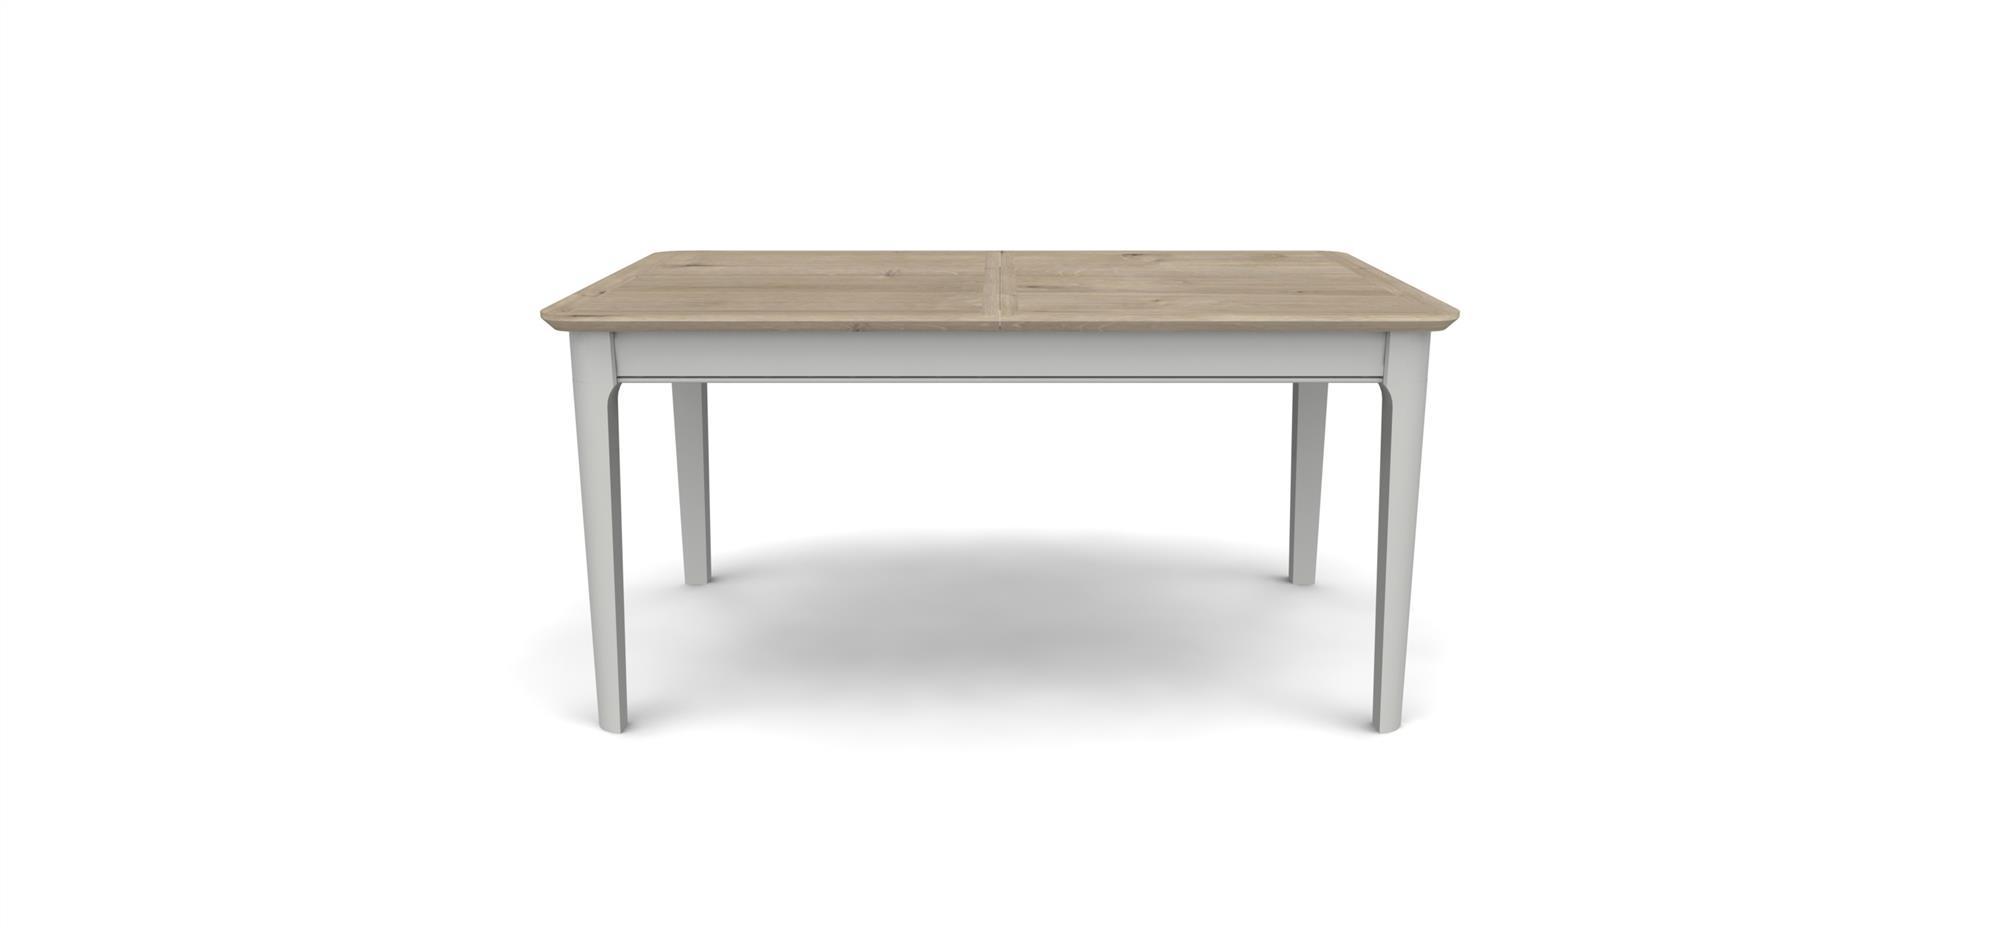 NEWARK - Rectangular Extending Table - 101